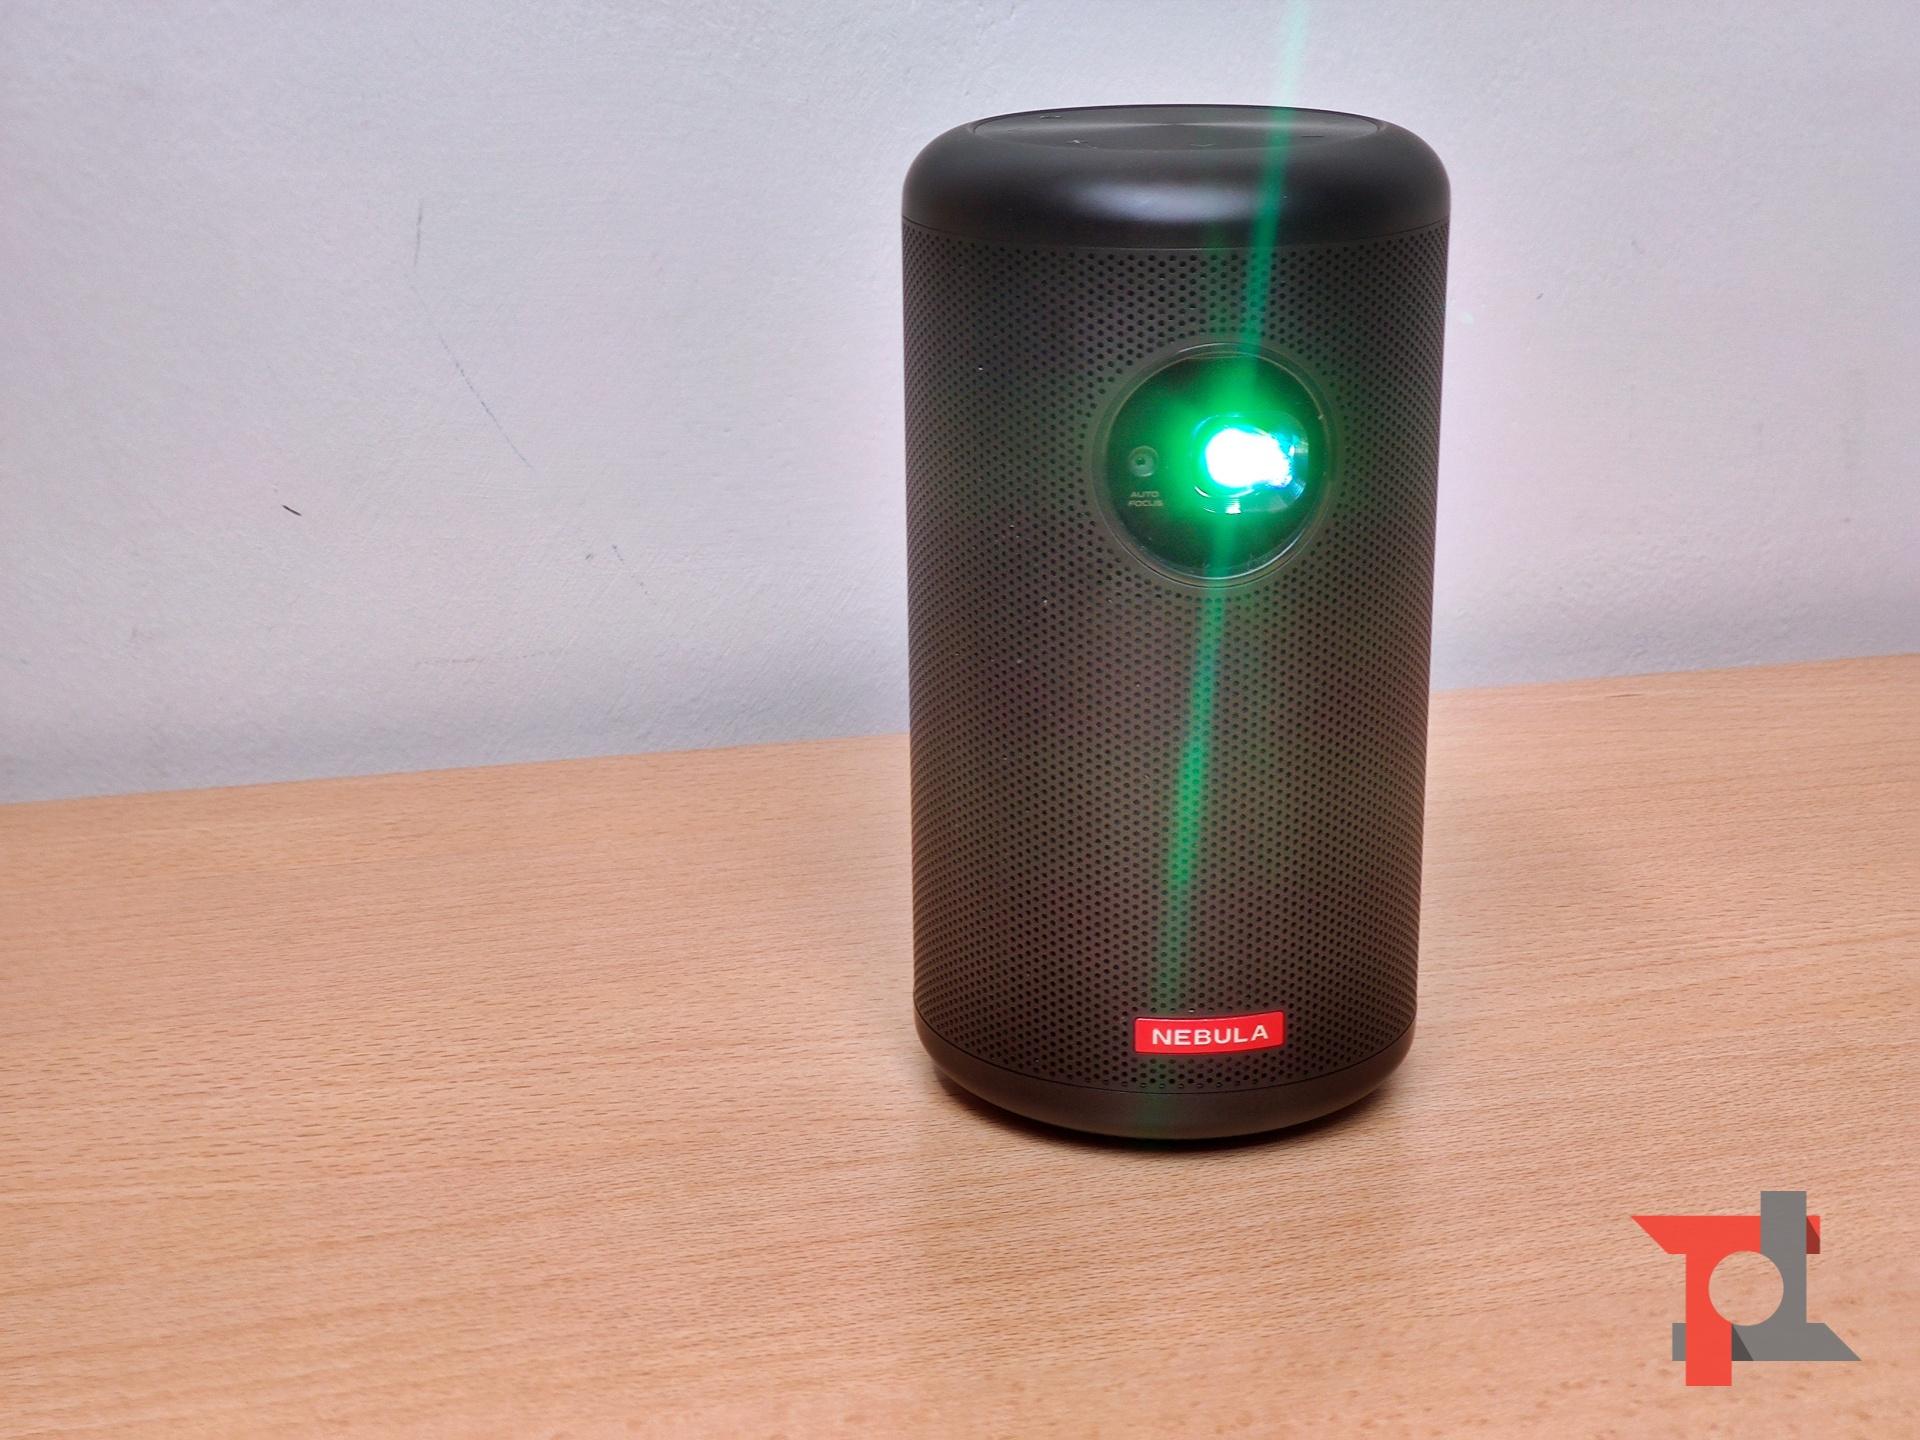 Recensione NEBULA Capsule Max, un videoproiettore portatile davvero eclettico 6